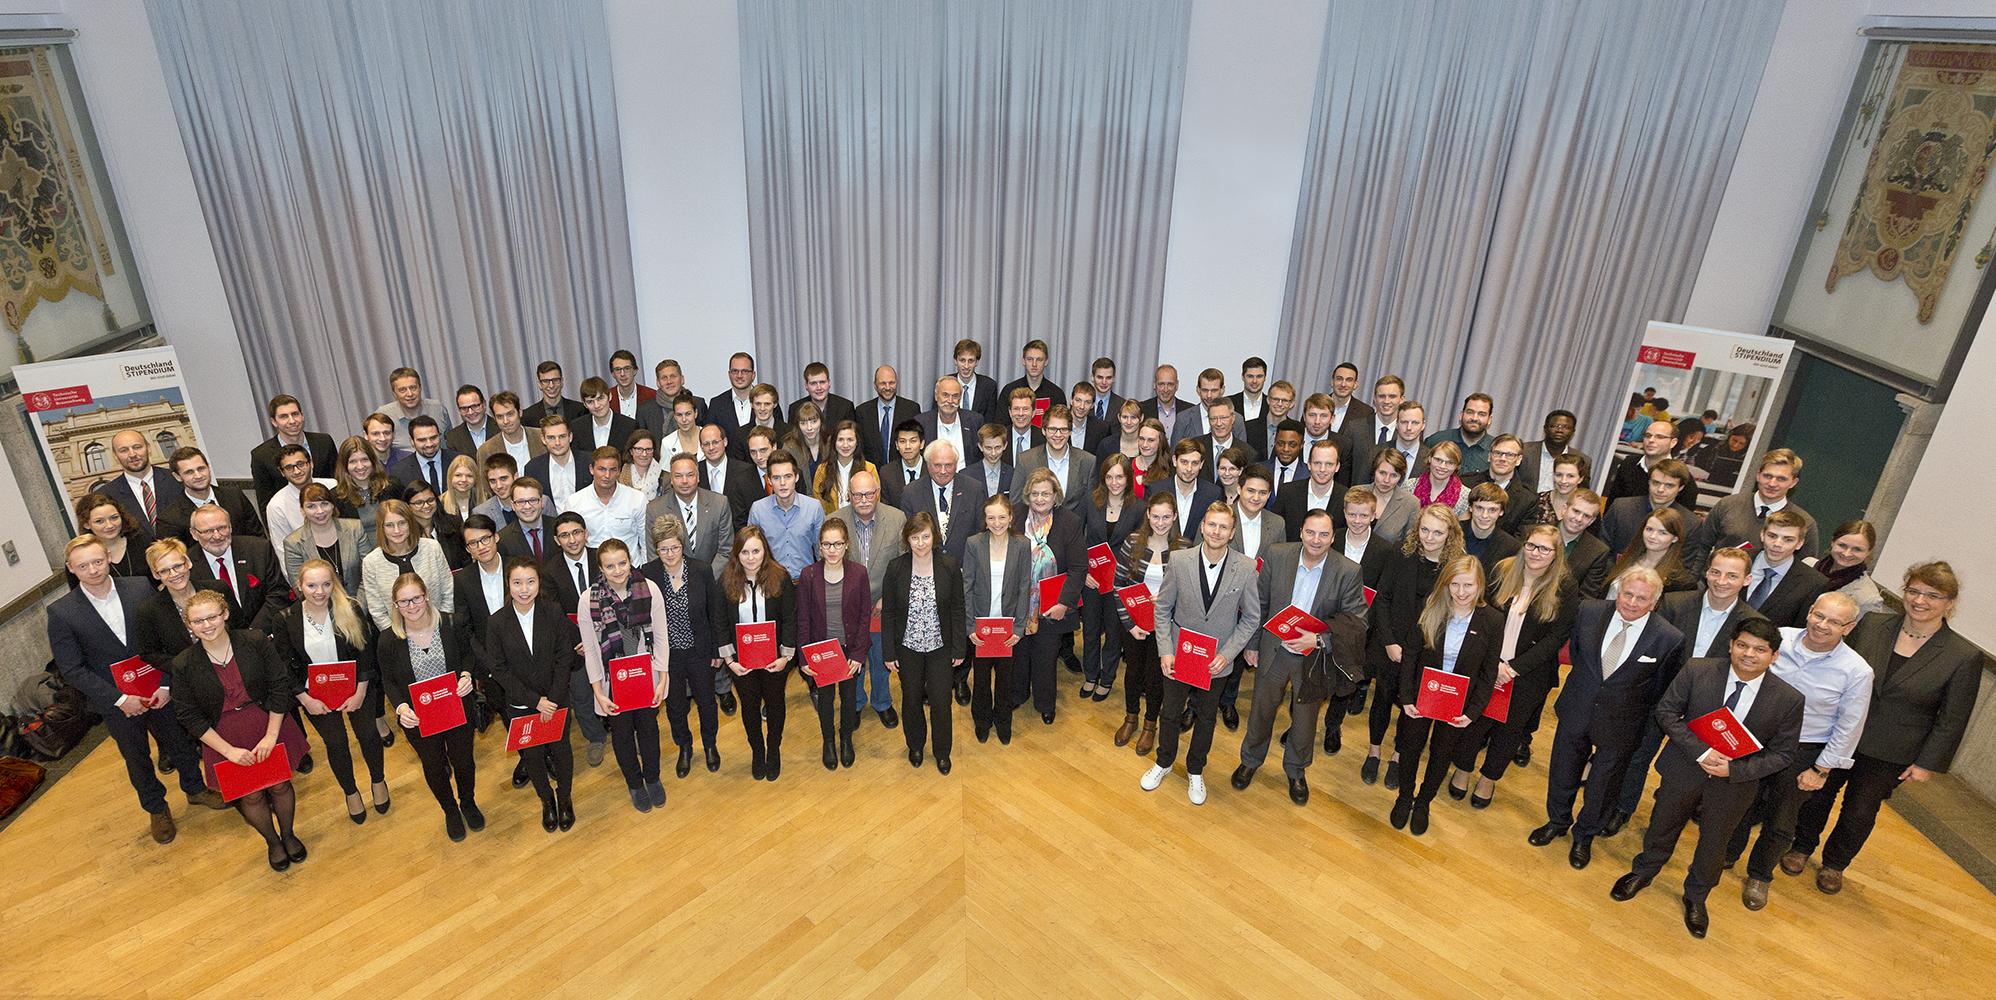 Die Deutschlandstipendiatinnen und -stipendiaten mit ihren Förderern. Bildnachweis: TU Braunschweig/Andreas Bormann